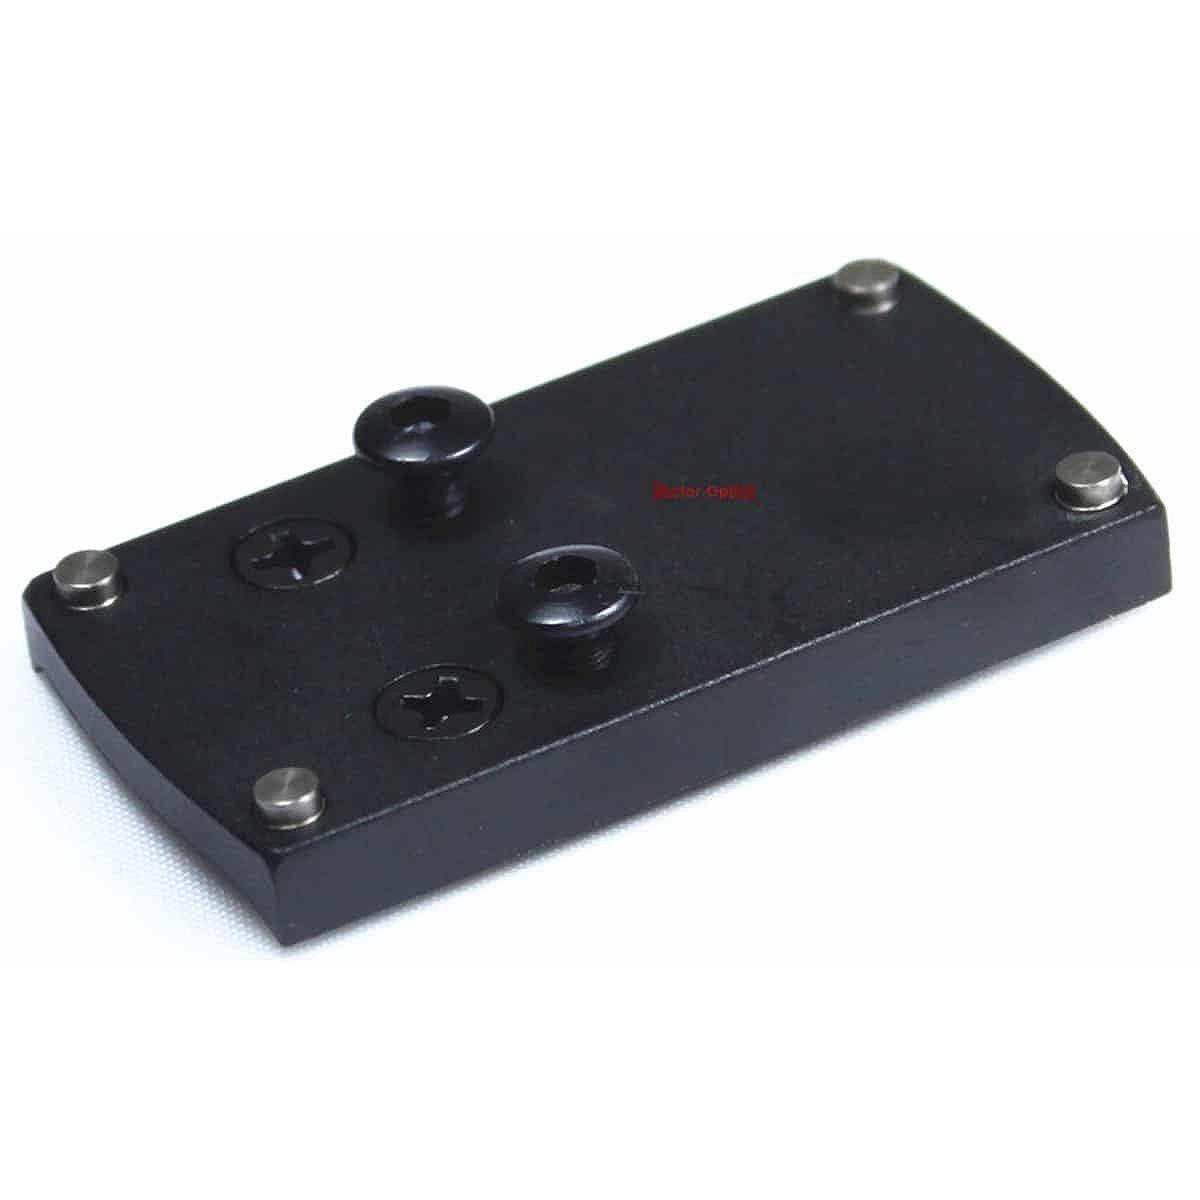 【お届け予定日: 5月30日】ベクターオプティクス ドットサイトマウント GLOCK Mount Base  Vector Optics SCRDM-01